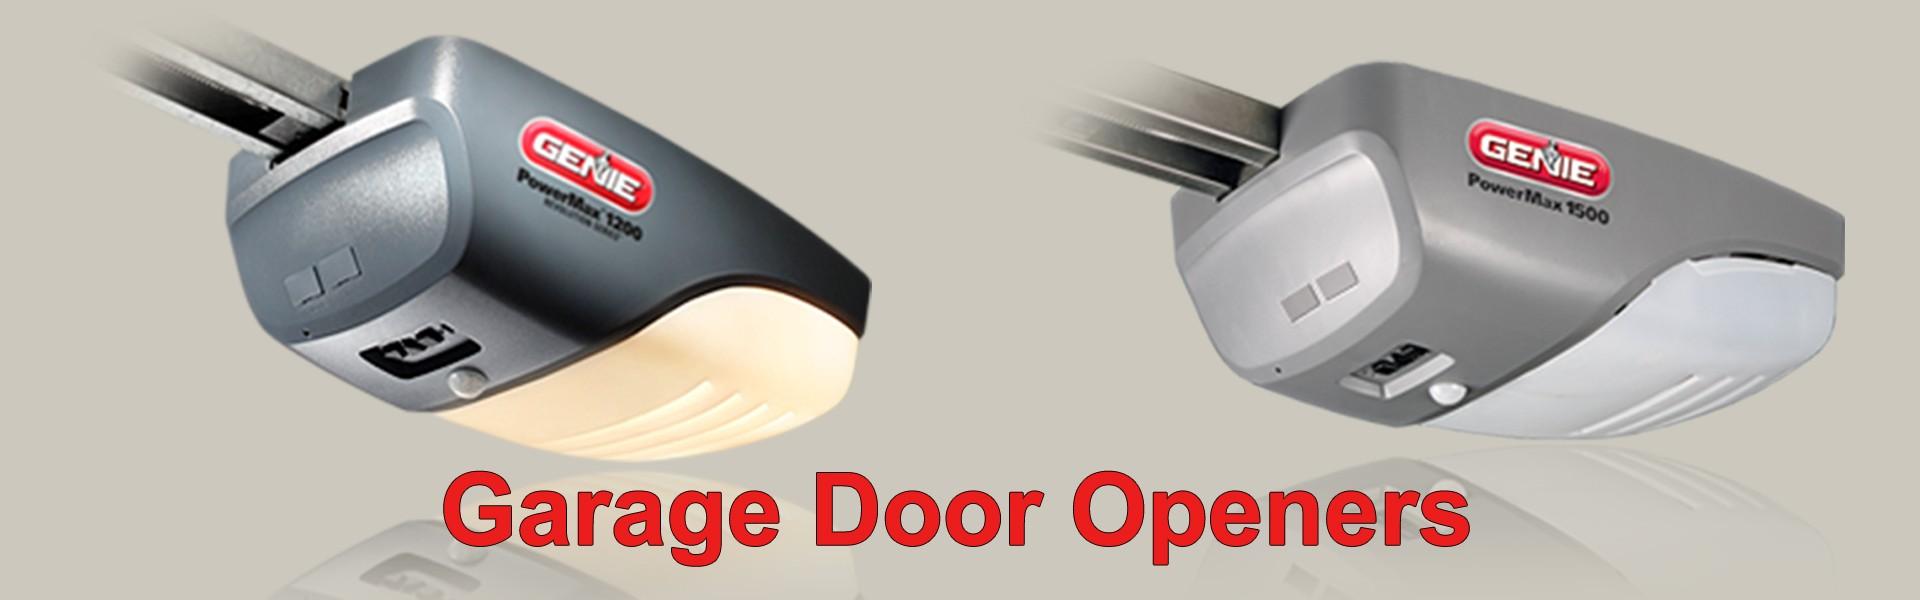 garage-door-openers-1920x600px-01